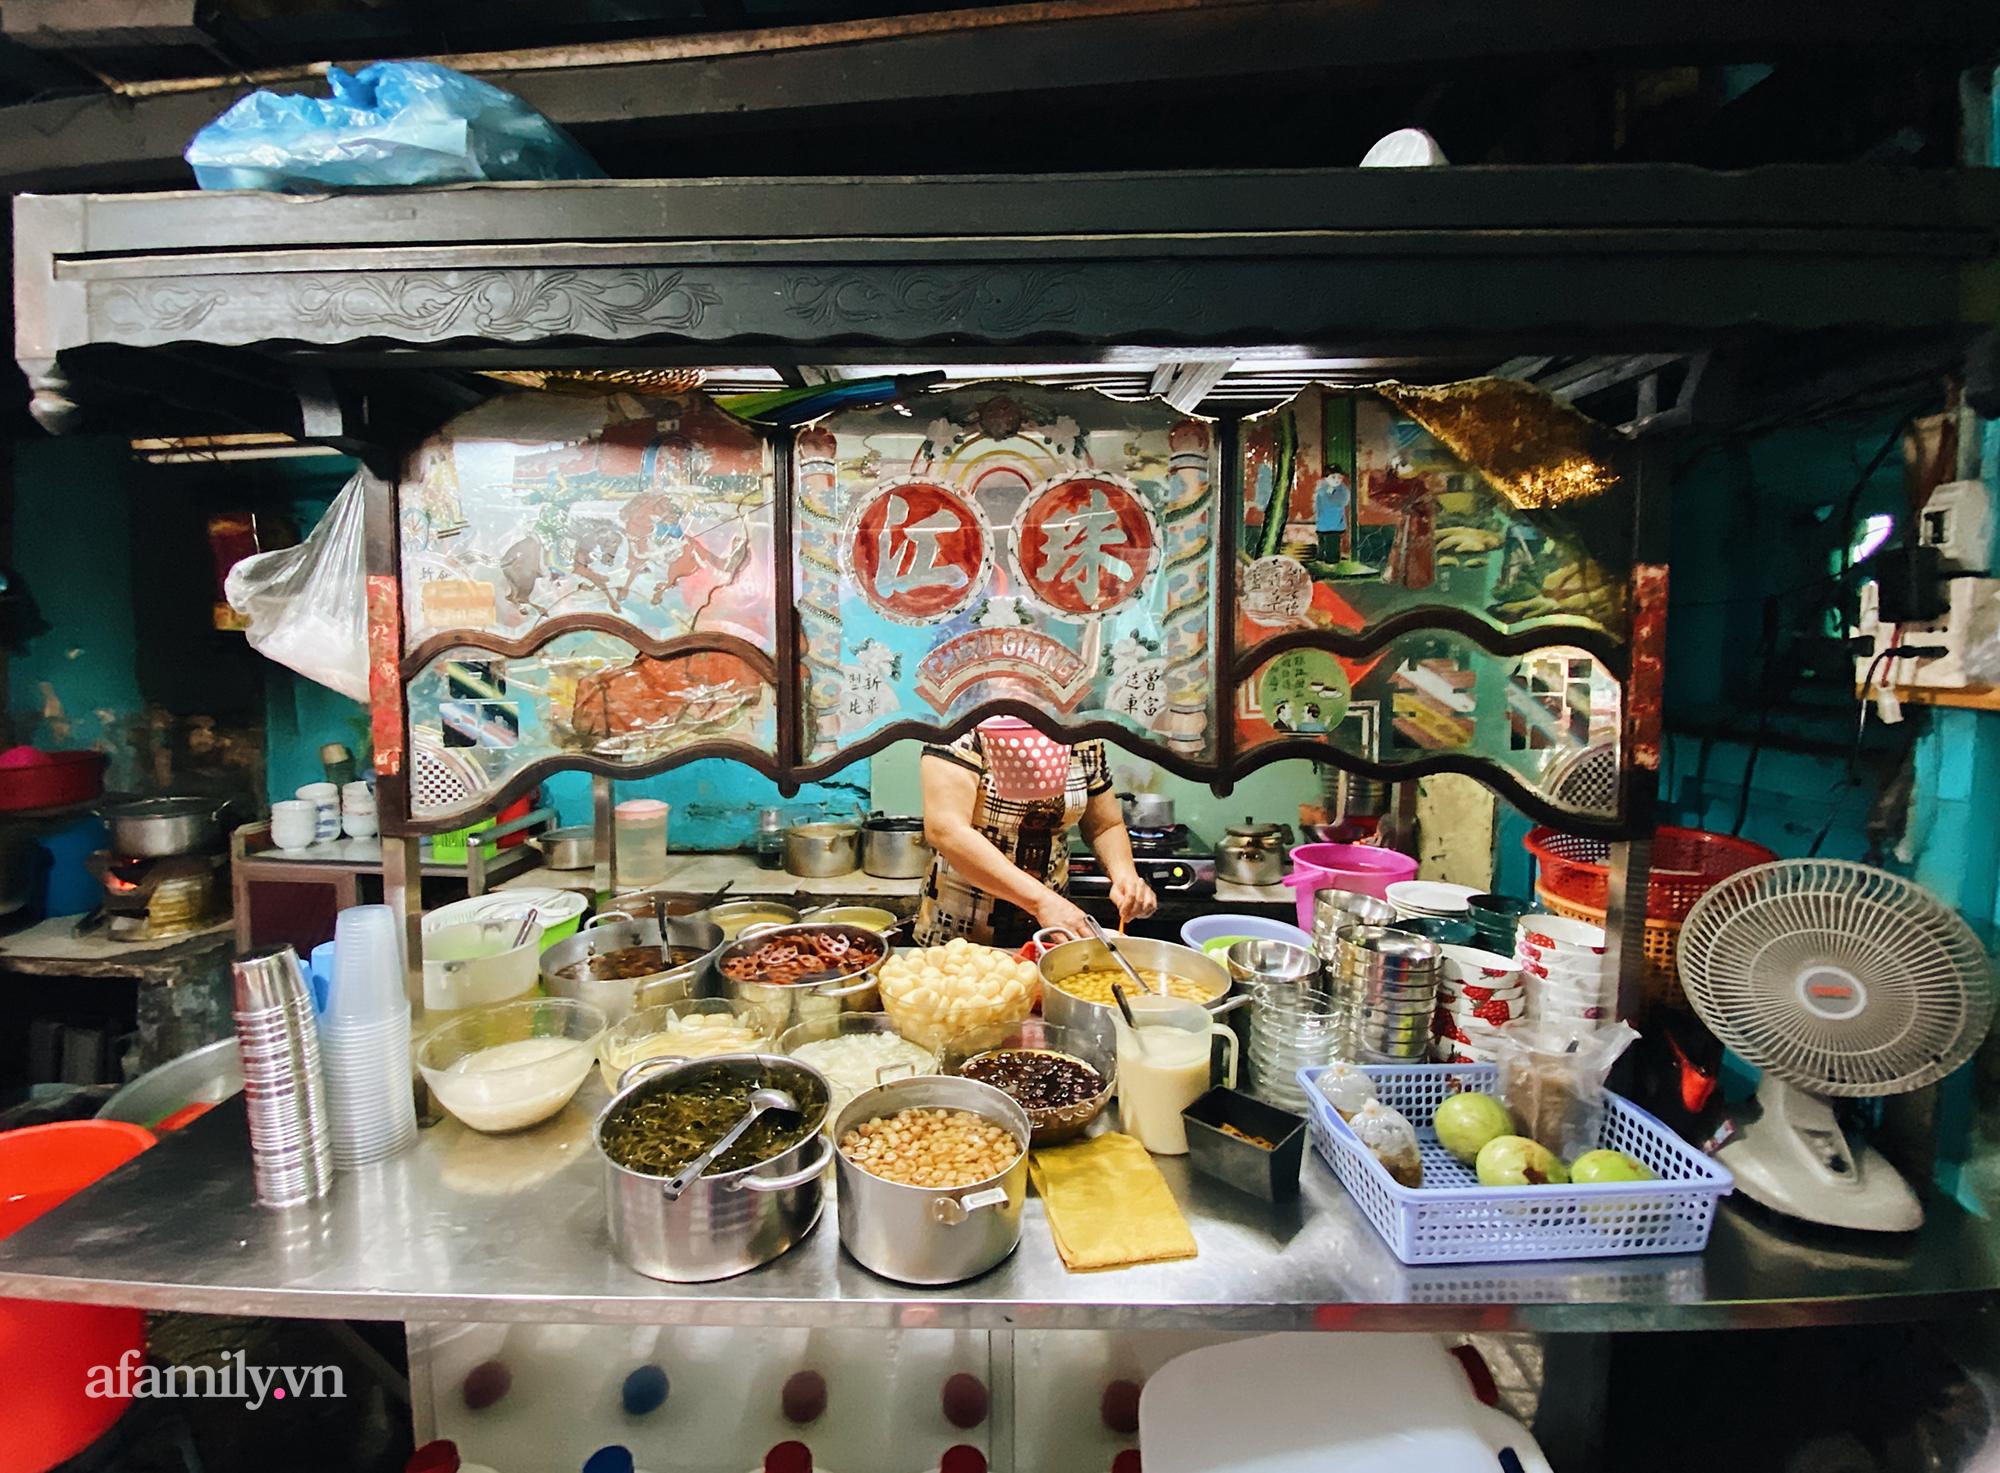 """Xuống quận 5 ghé quán """"chè âm phủ"""" ăn món chè trộn trứng gà sống và loạt món nhìn qua tưởng đồ mặn nhưng lại ngọt, thơm nức tiếng trong ẩm thực người Hoa tại Sài Gòn - Ảnh 1."""